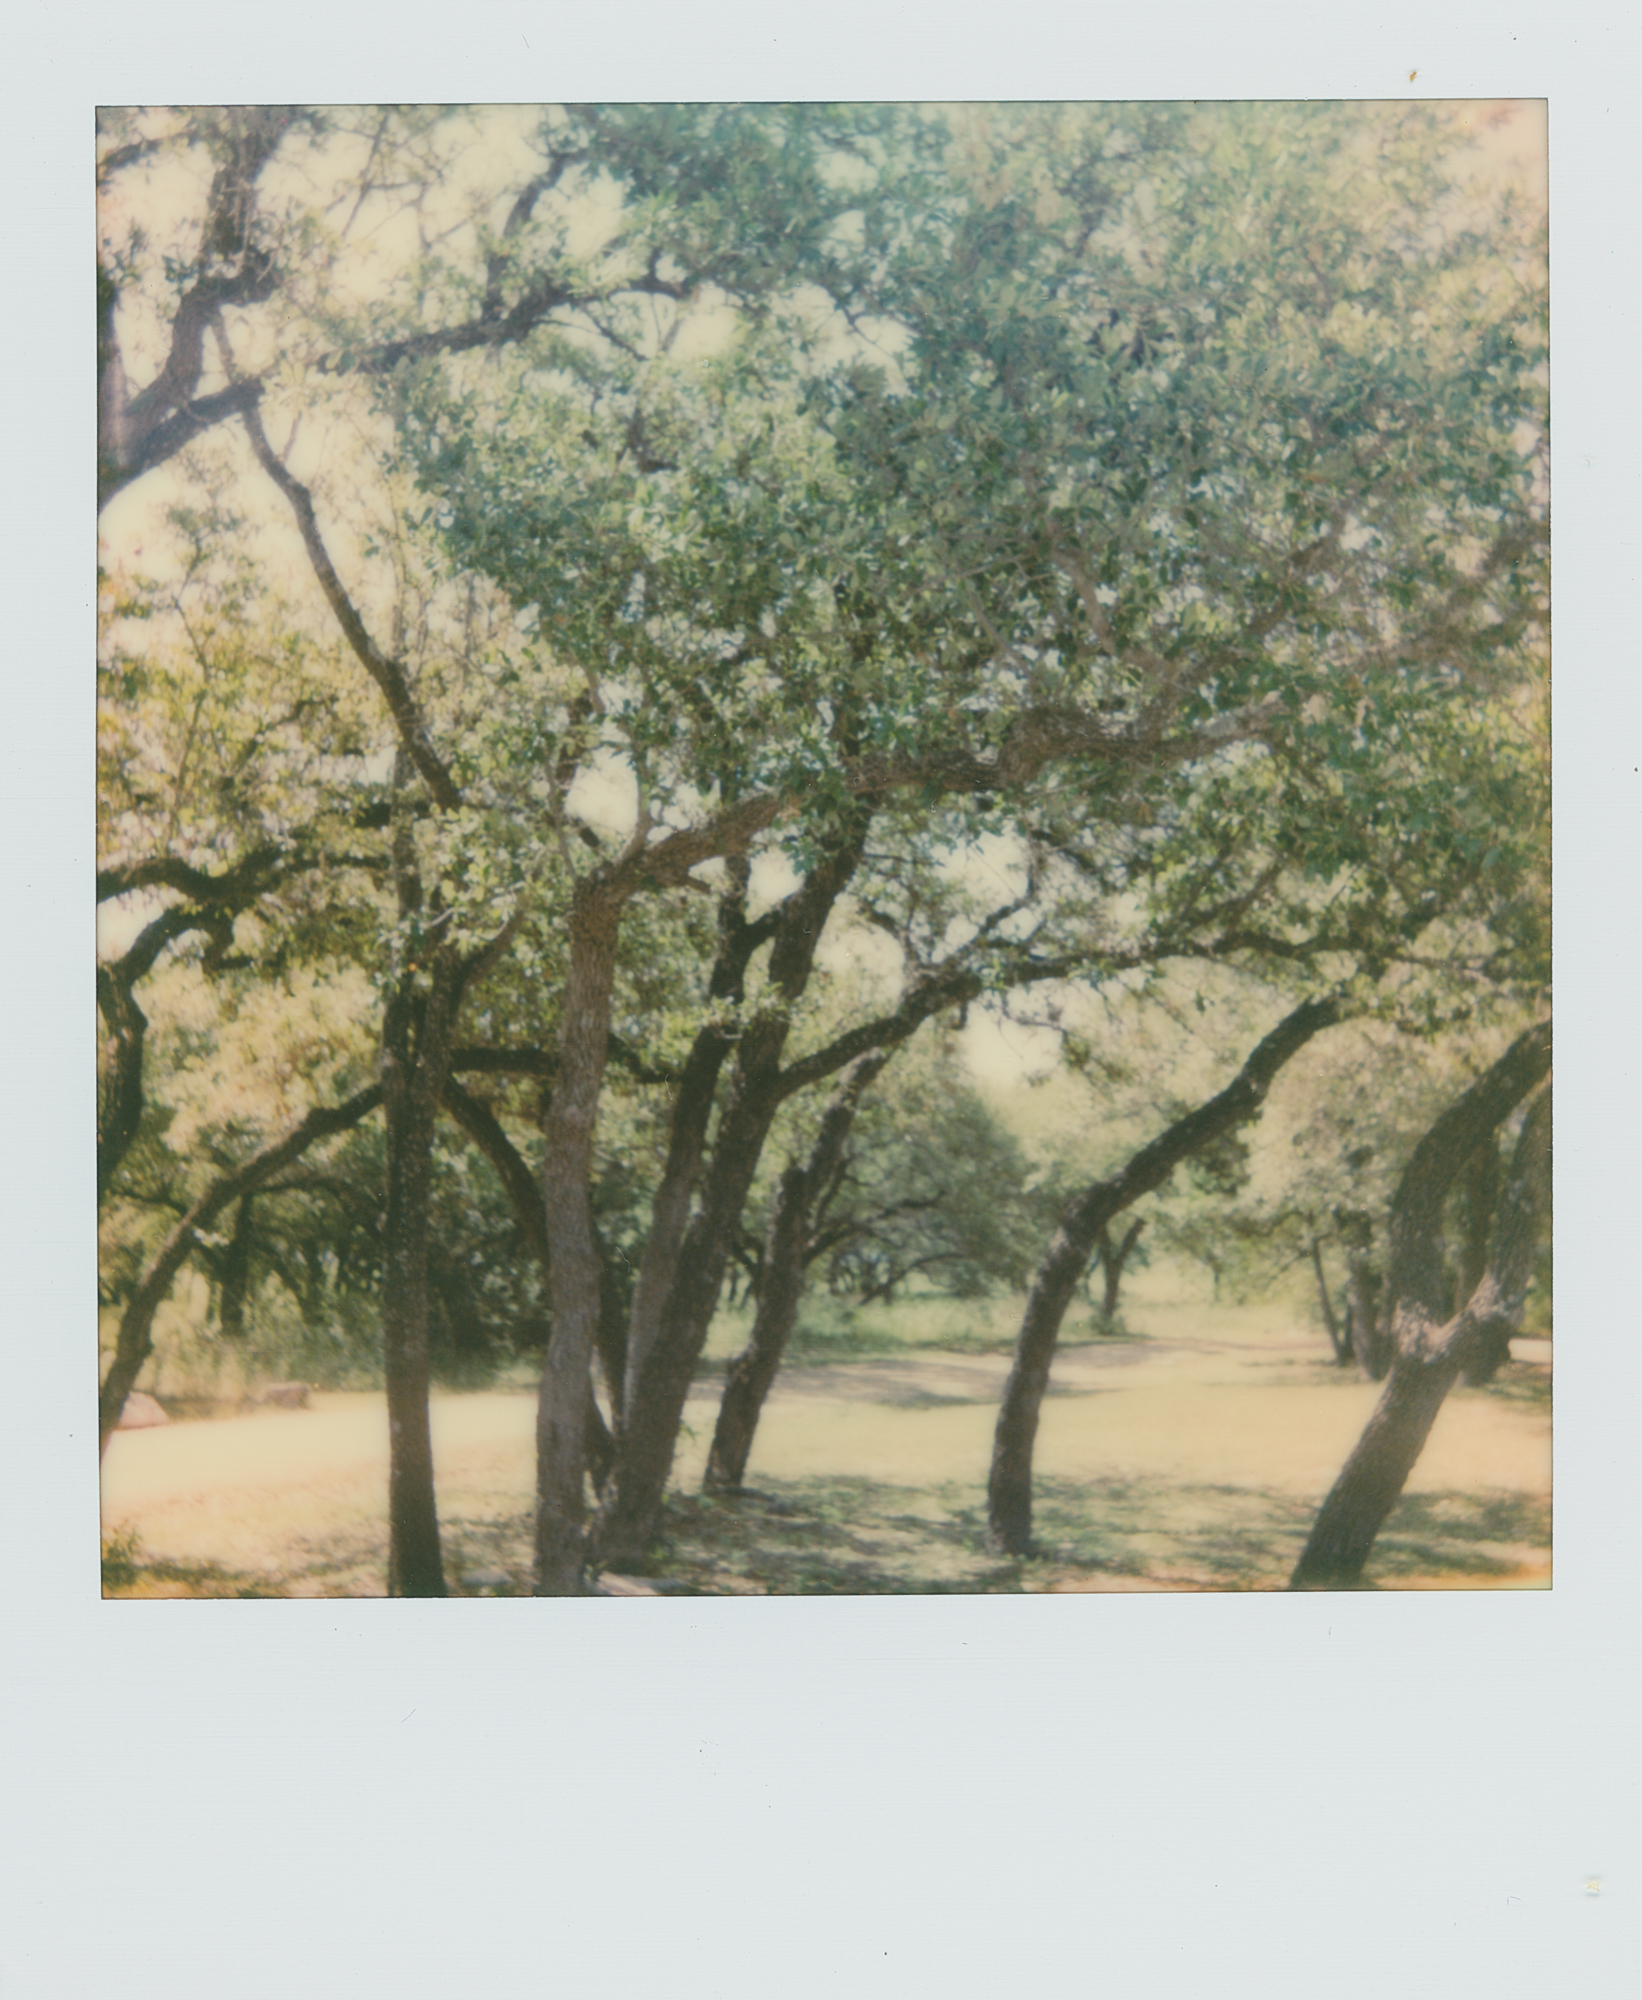 pola week trees (1 of 1).jpg